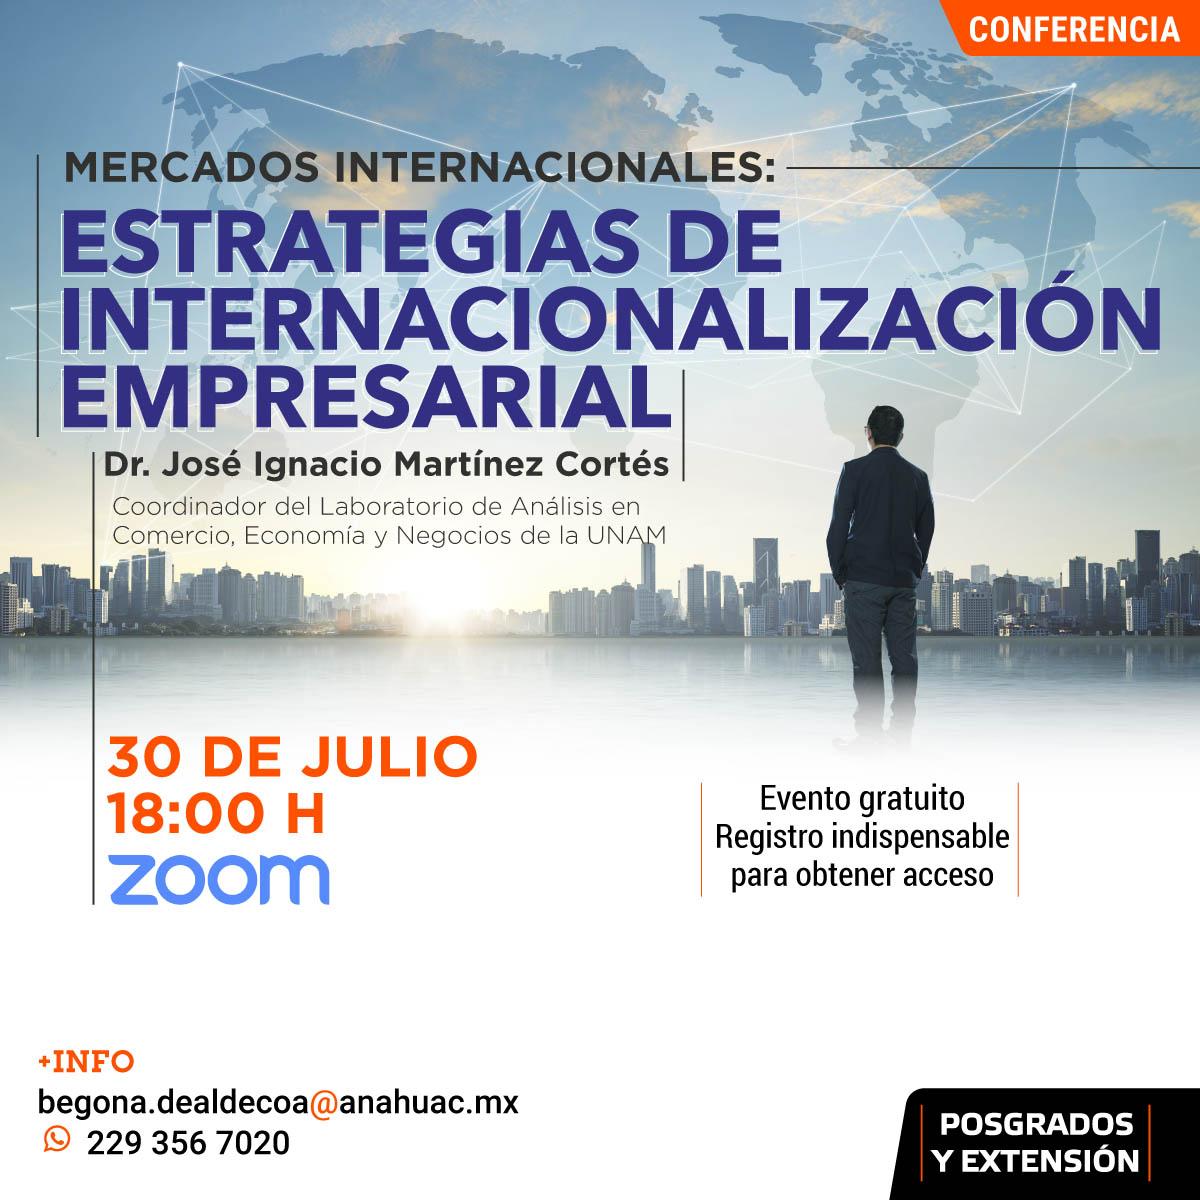 Estrategias de Internacionalización Empresarial